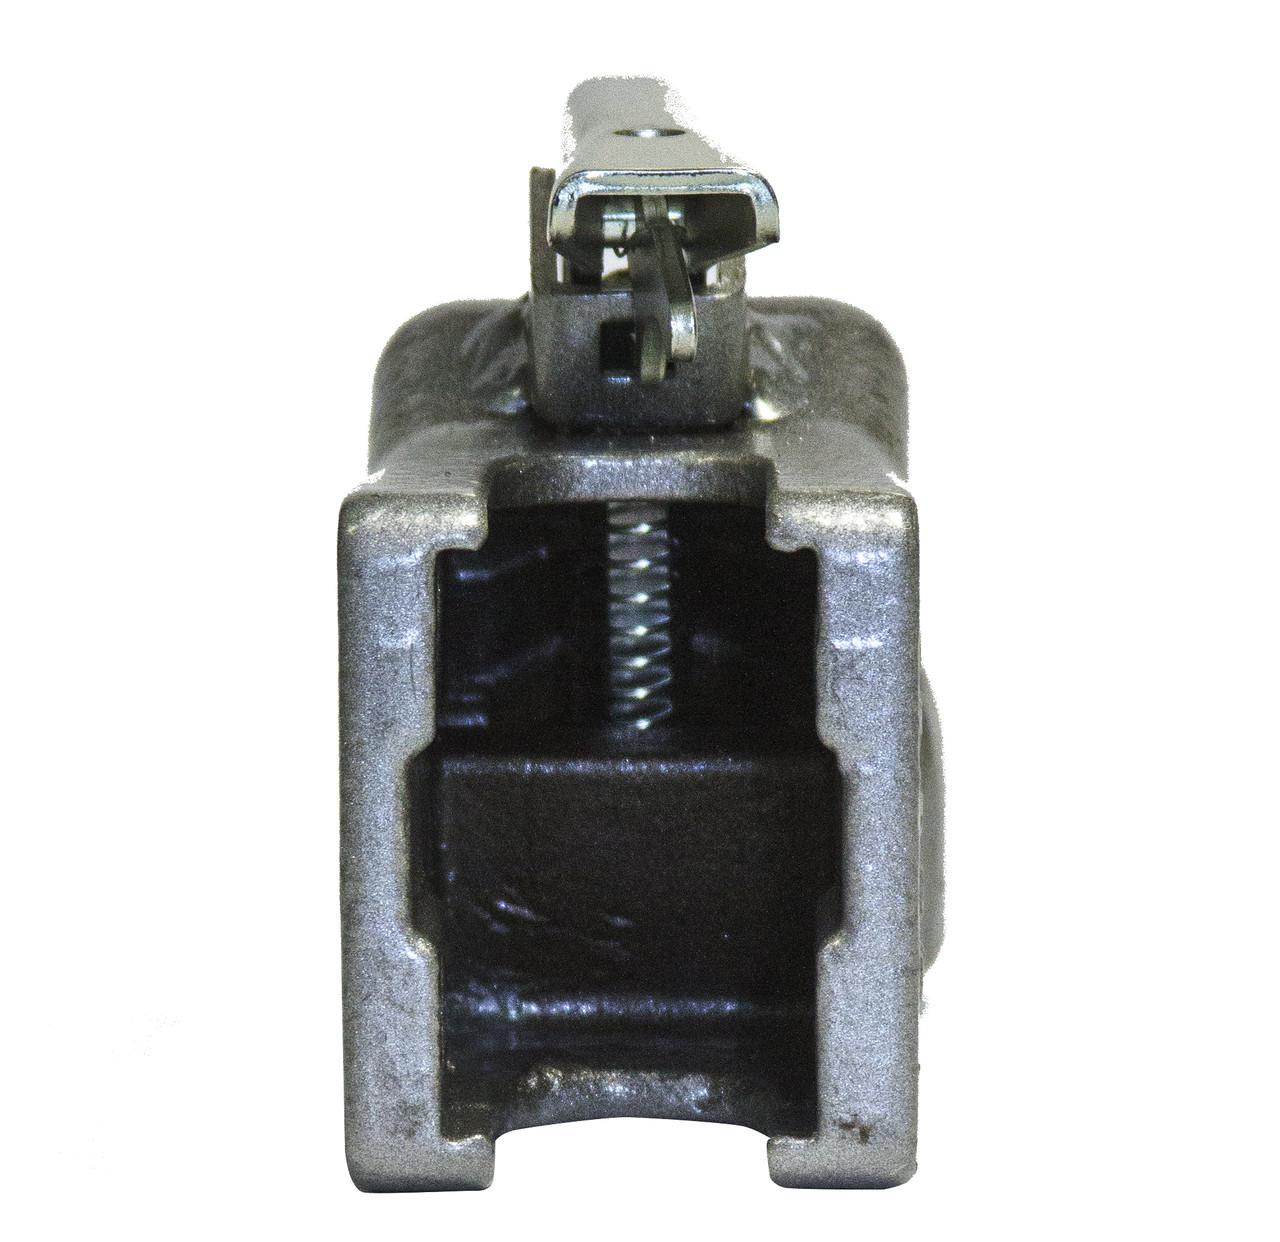 """15791-95 --- Demco Adjustable Coupler - 21,000 lbs Capacity - 2-5/16"""" - Zinc"""